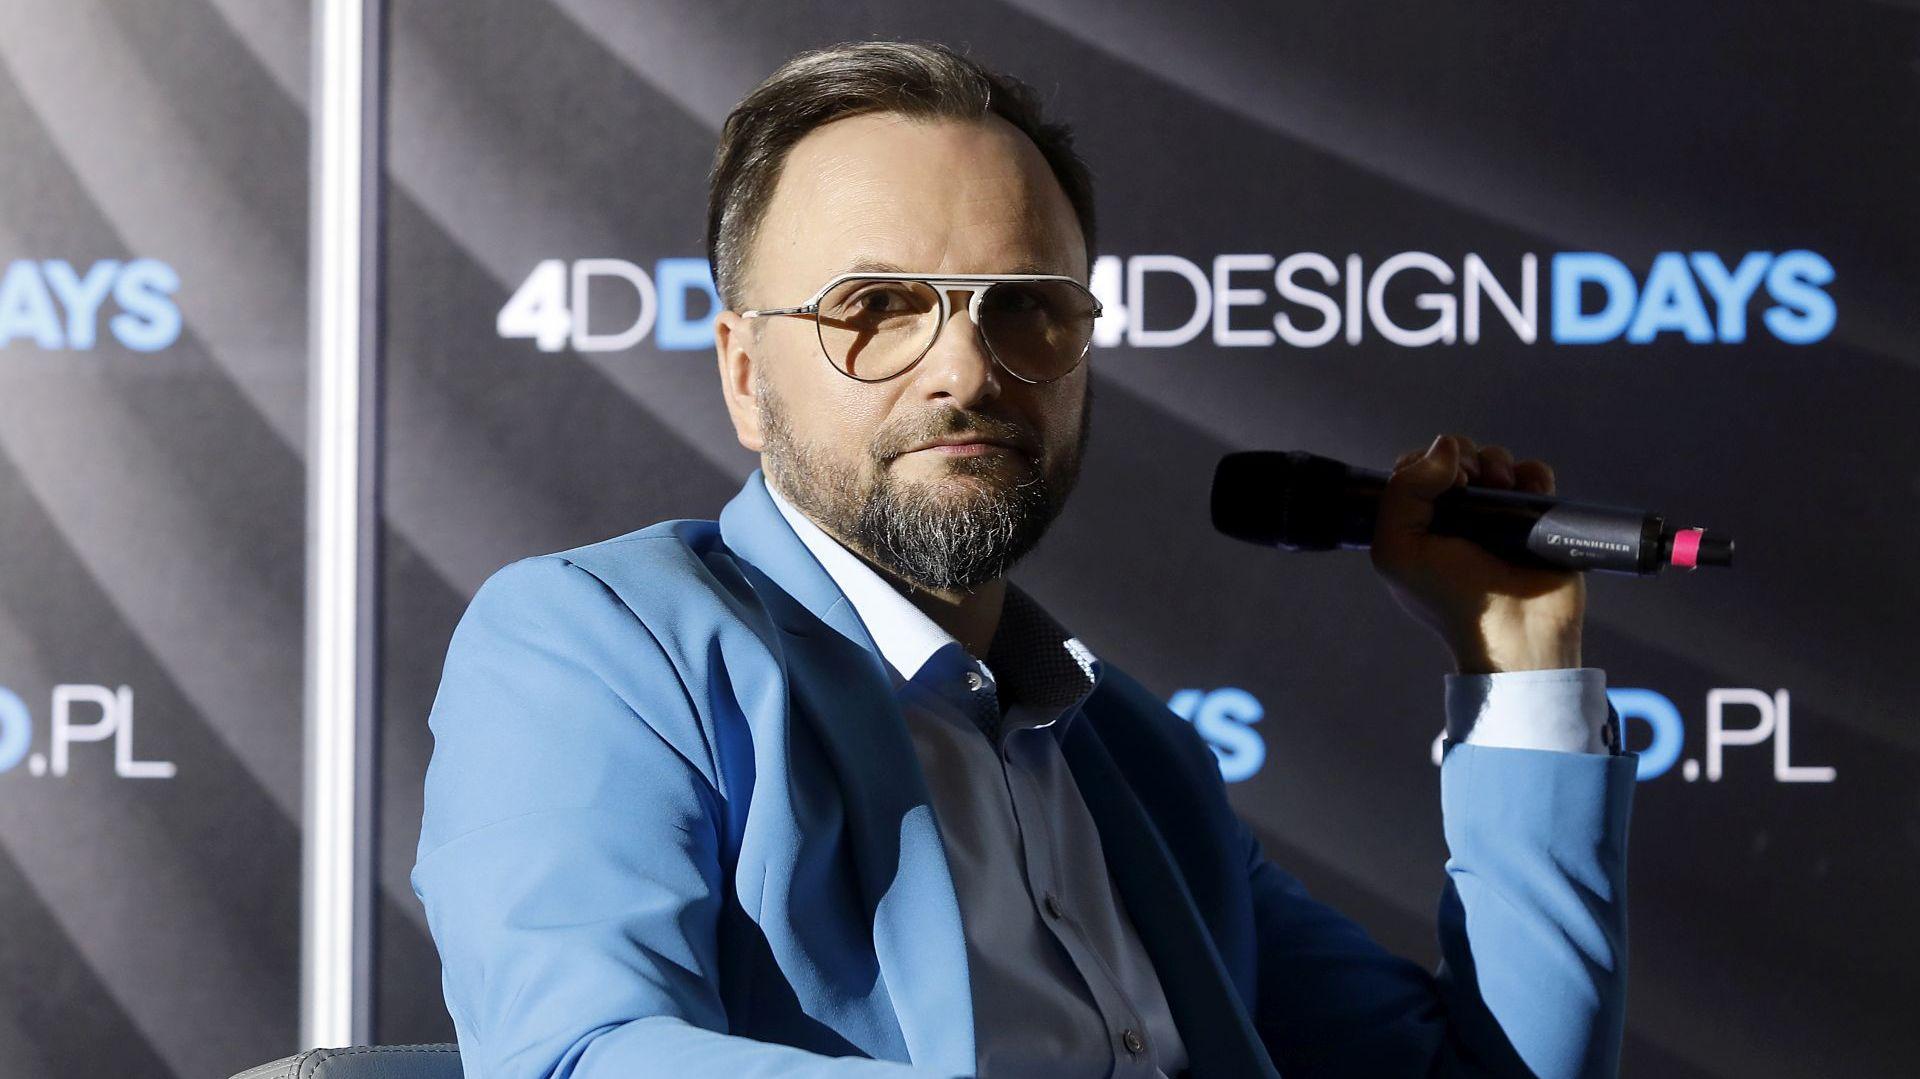 Artur Indyka, projektant wnętrz - moderator panelu